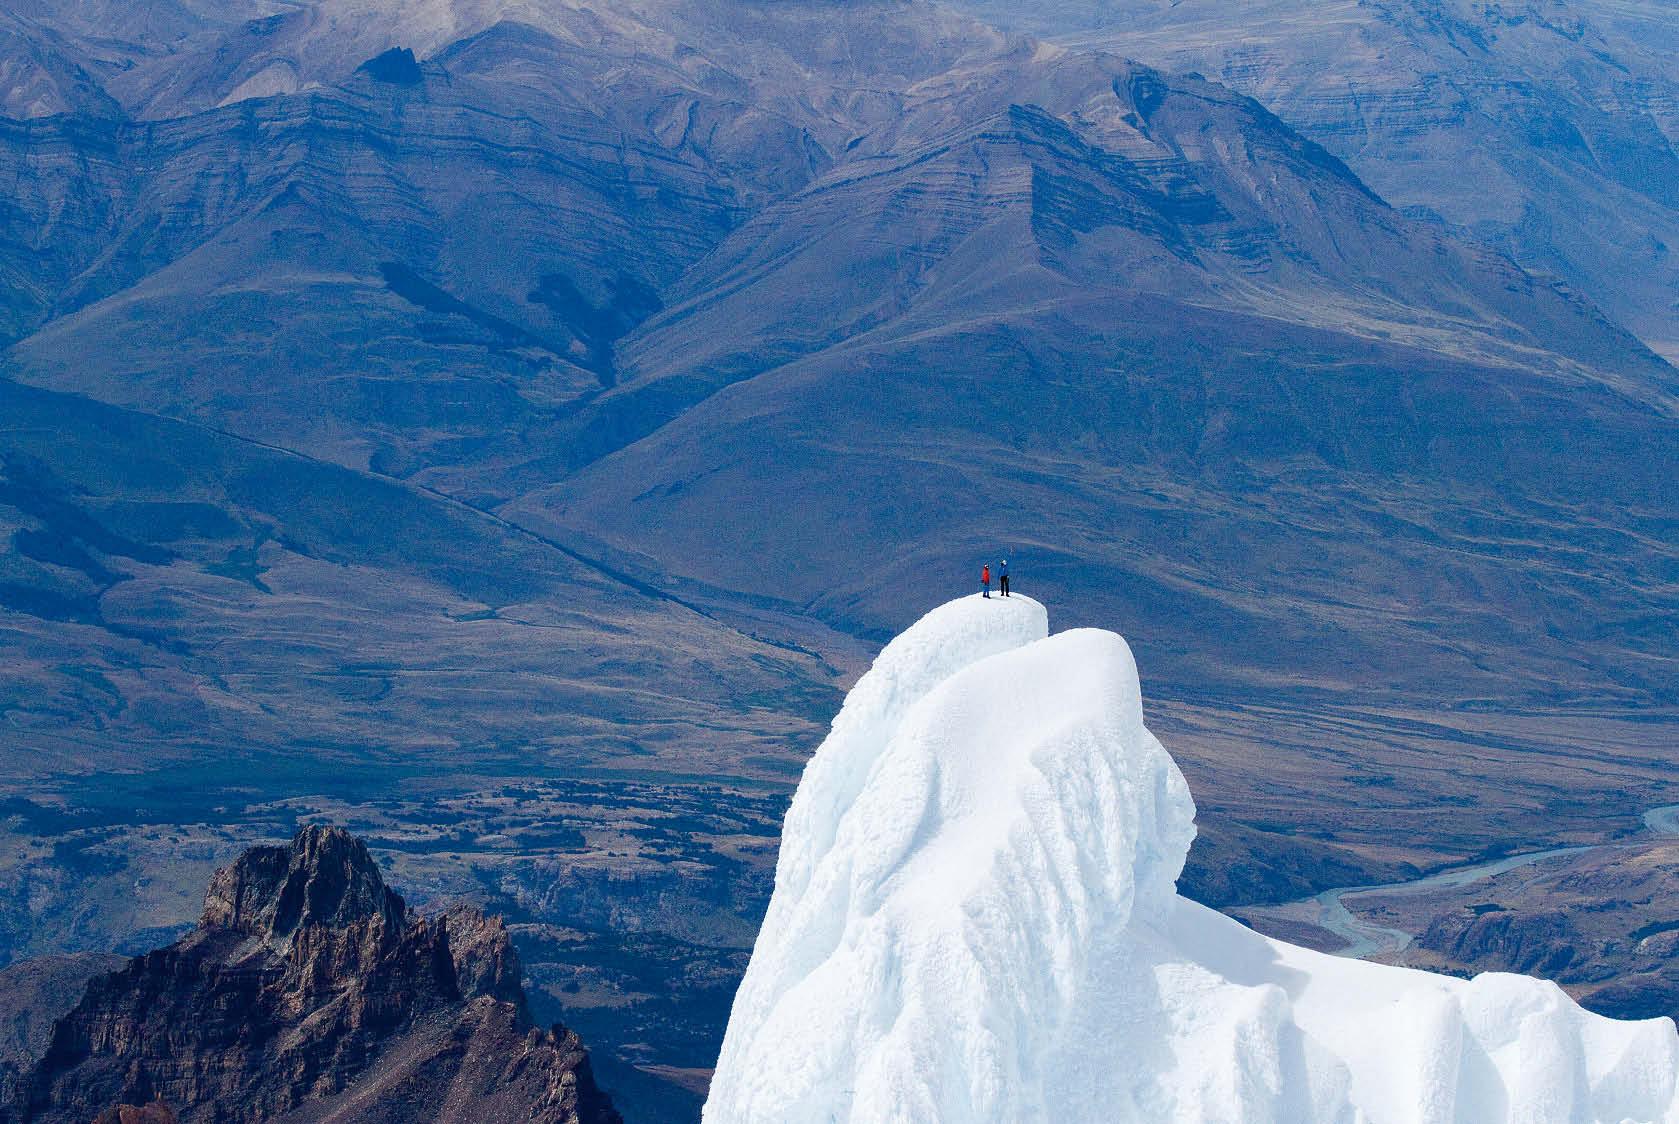 Lama am Gipfel des Cerro Torre